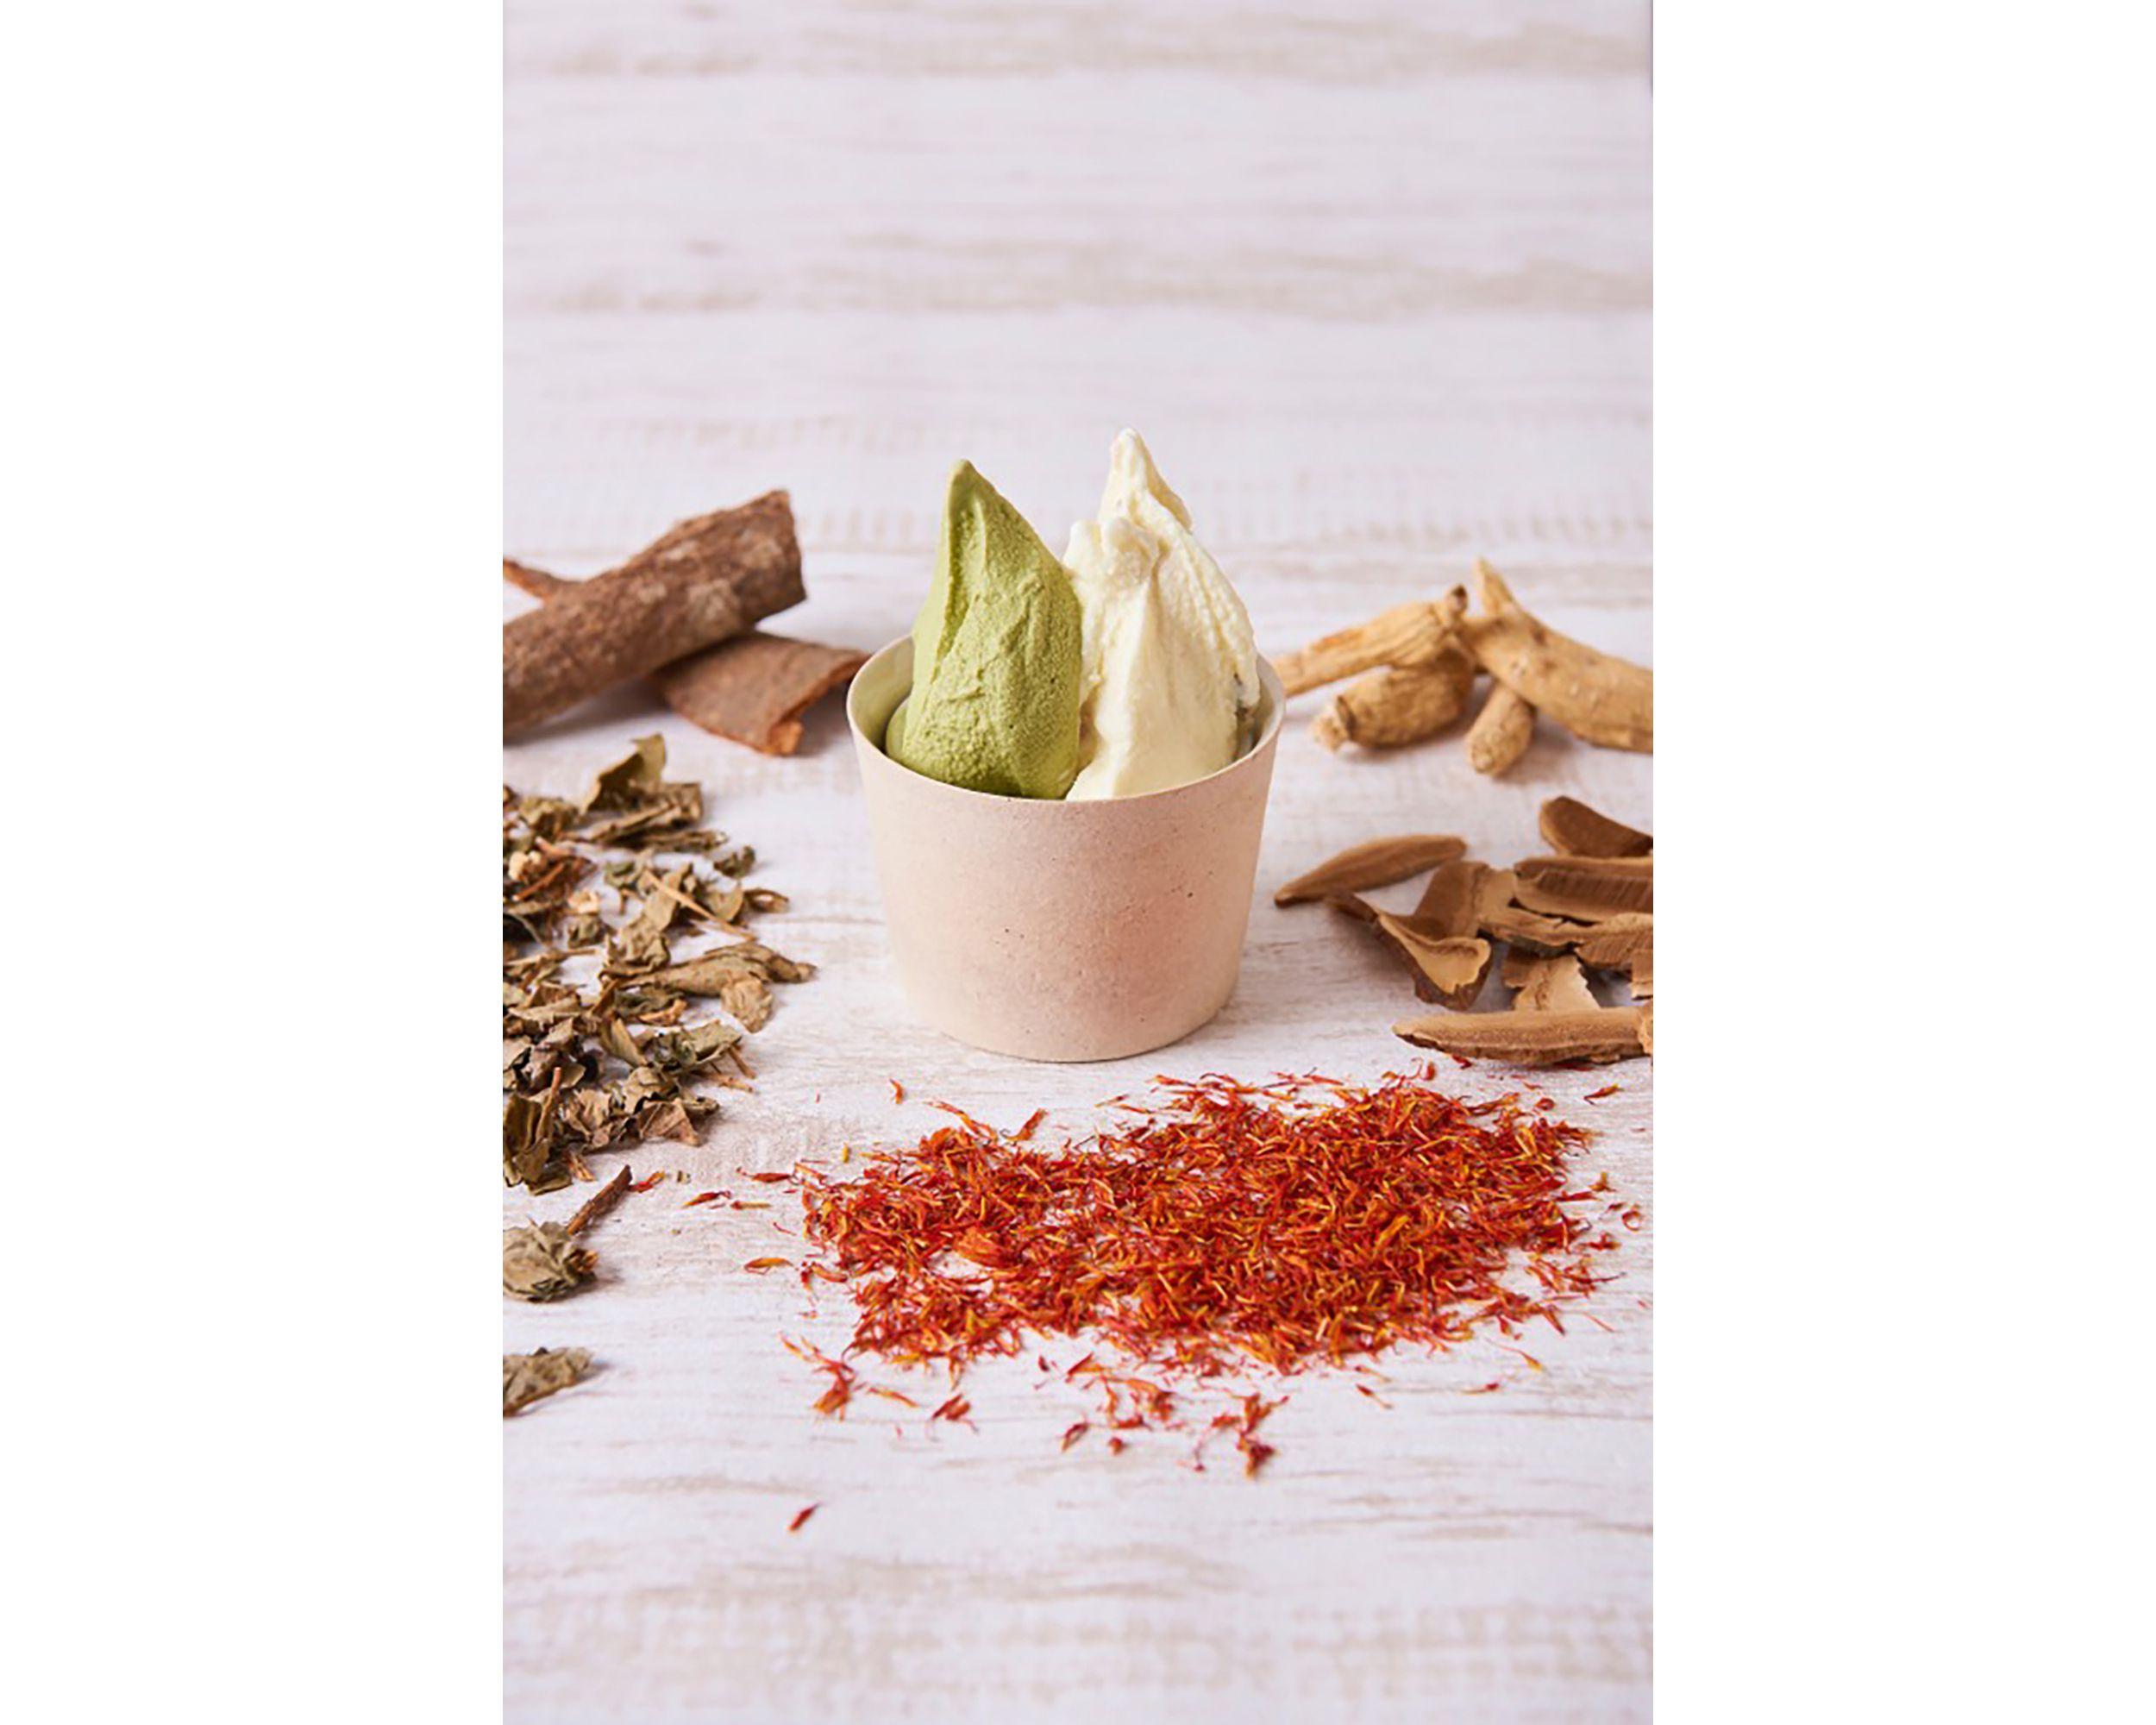 高麗人参や桂皮などの和漢素材を使って体に優しい「和漢ジェラート」(2フレーバー 1,080円)。